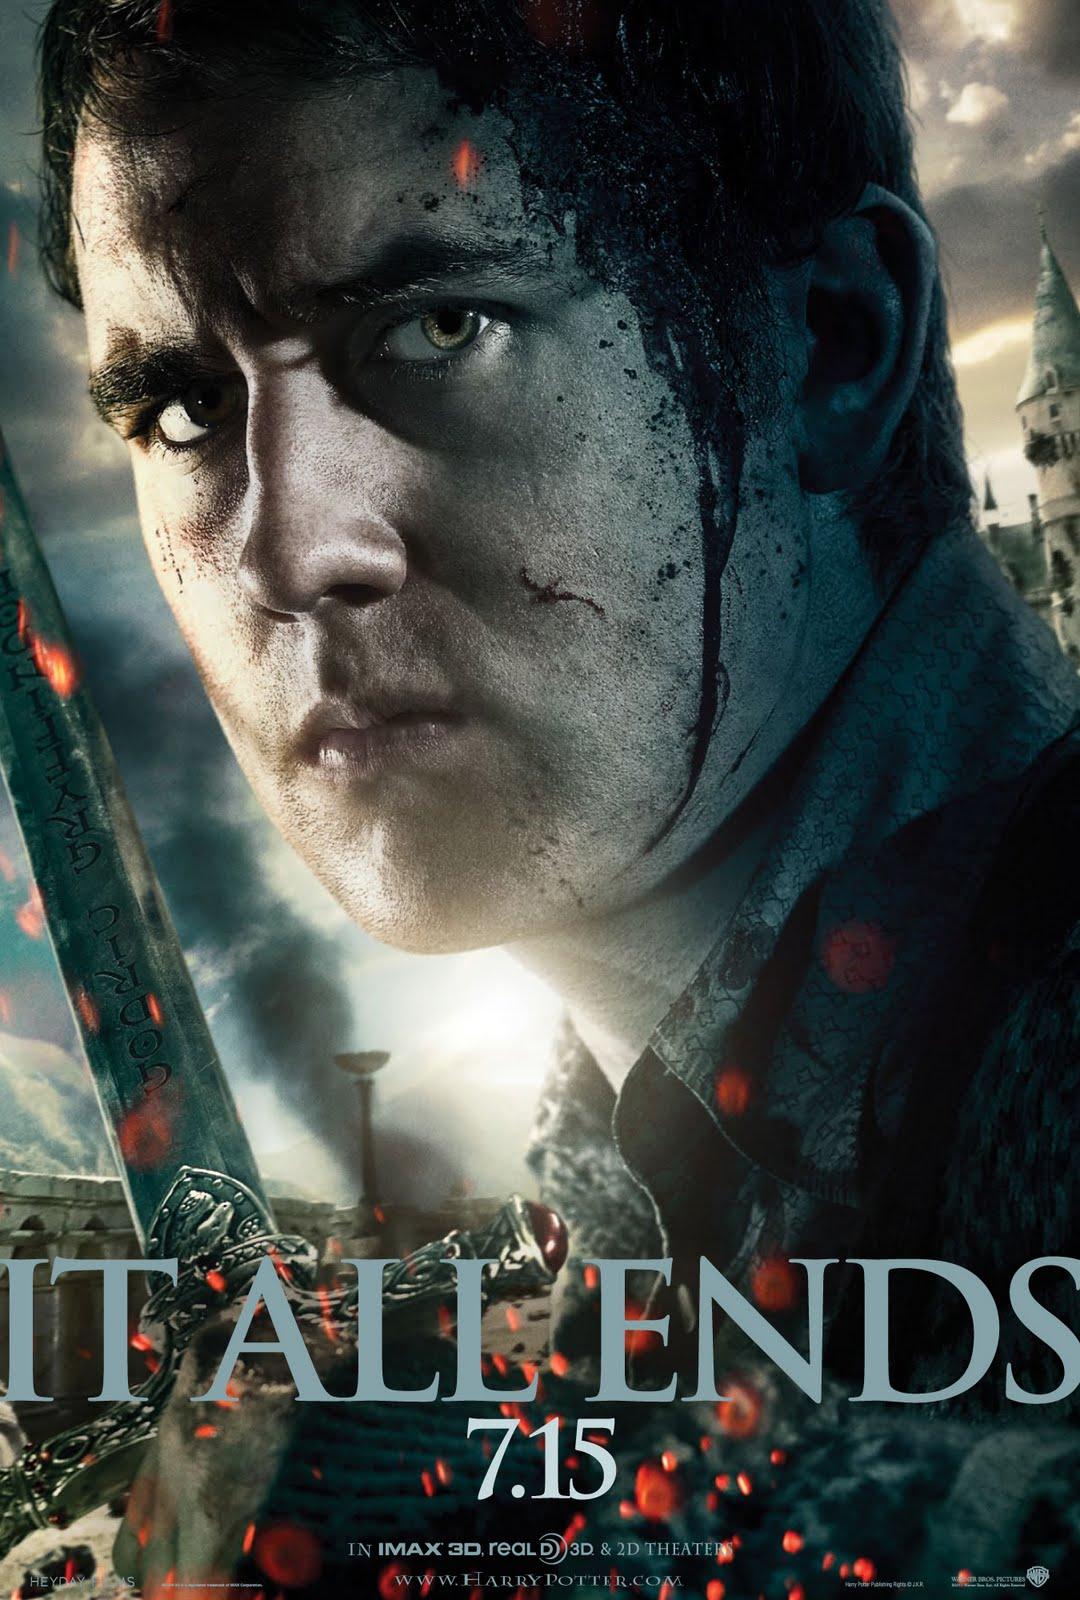 http://3.bp.blogspot.com/-UNFIStd8ifc/Td6LB8FvDCI/AAAAAAAAGTg/CIHdsyR9QSI/s1600/Harry%2BPotter%2B%2526%2Bthe%2BDeathly%2BHallows_part2_Poster%2B%25234_Neville.jpg